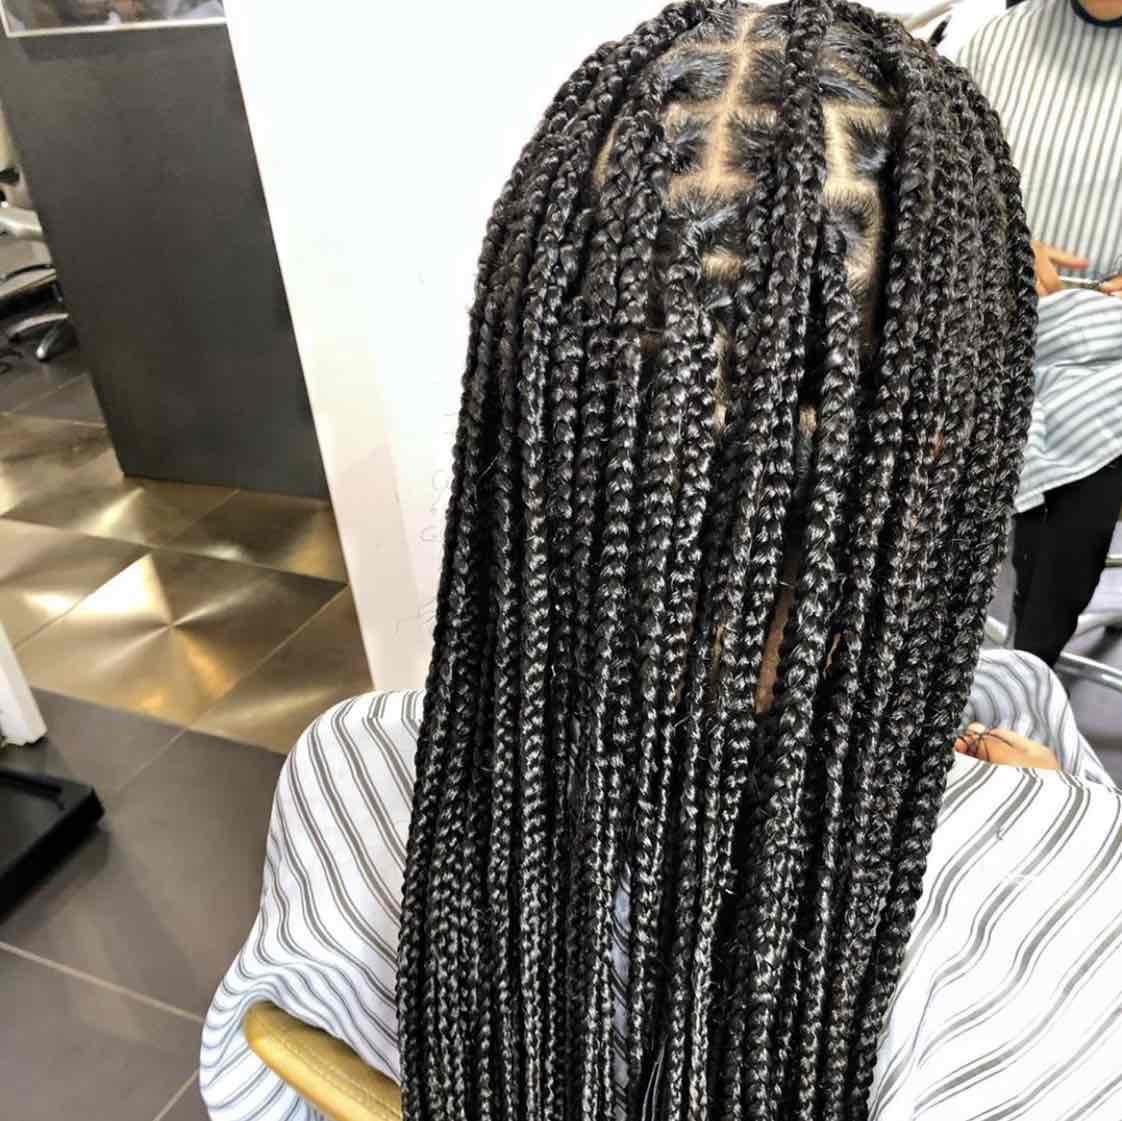 salon de coiffure afro tresse tresses box braids crochet braids vanilles tissages paris 75 77 78 91 92 93 94 95 AEGJVQEY